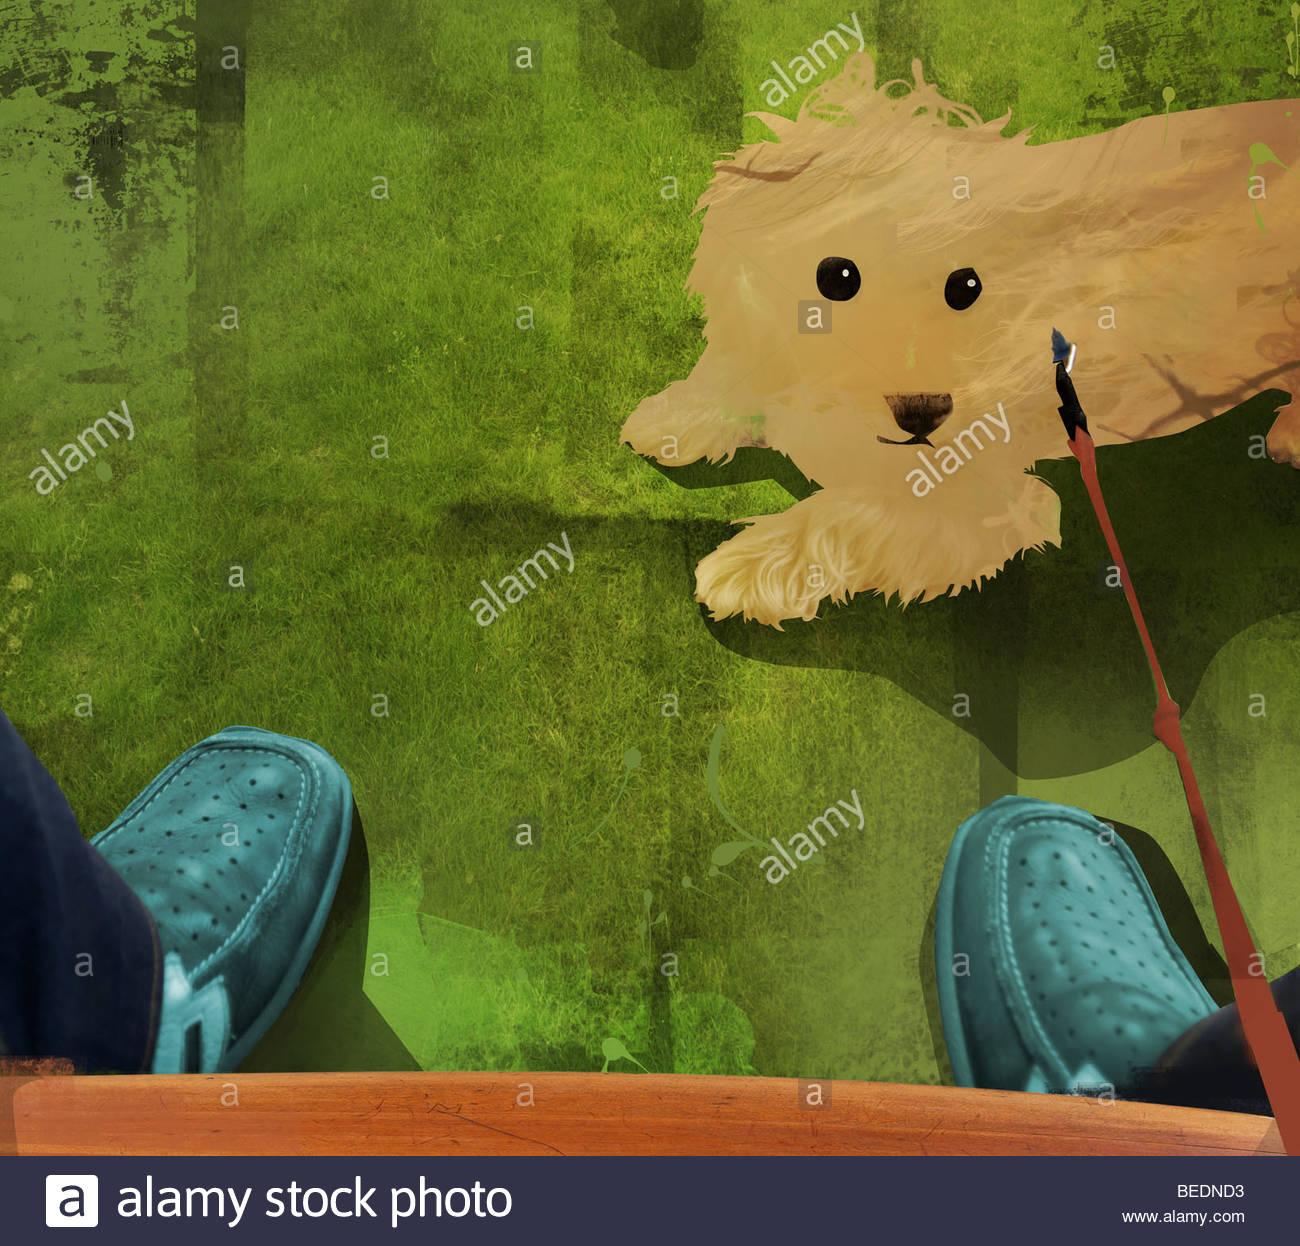 Eigentümer, die den Blick auf den Hund an der Leine Stockbild